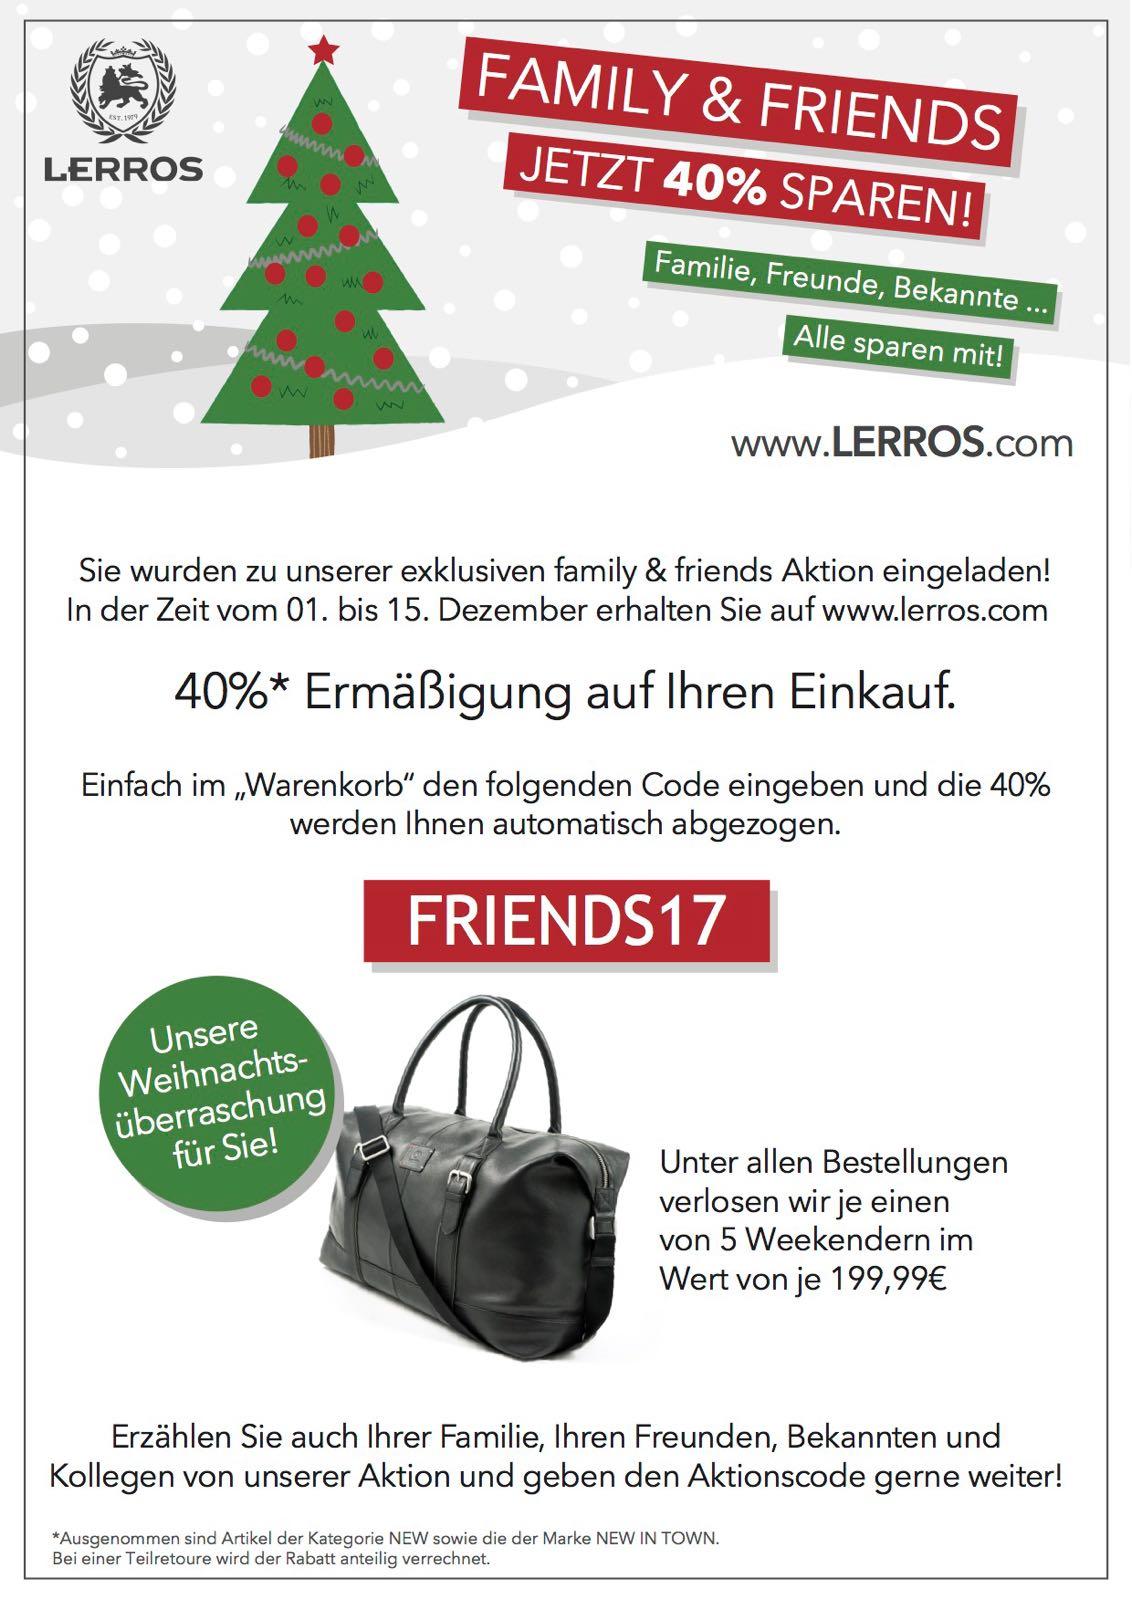 40 % Friends & Family Nachlass auf hochwertige Damen- und Herrenbekleidung auf www.lerros.com - 8% Cashback via QIPU nicht vergessen!